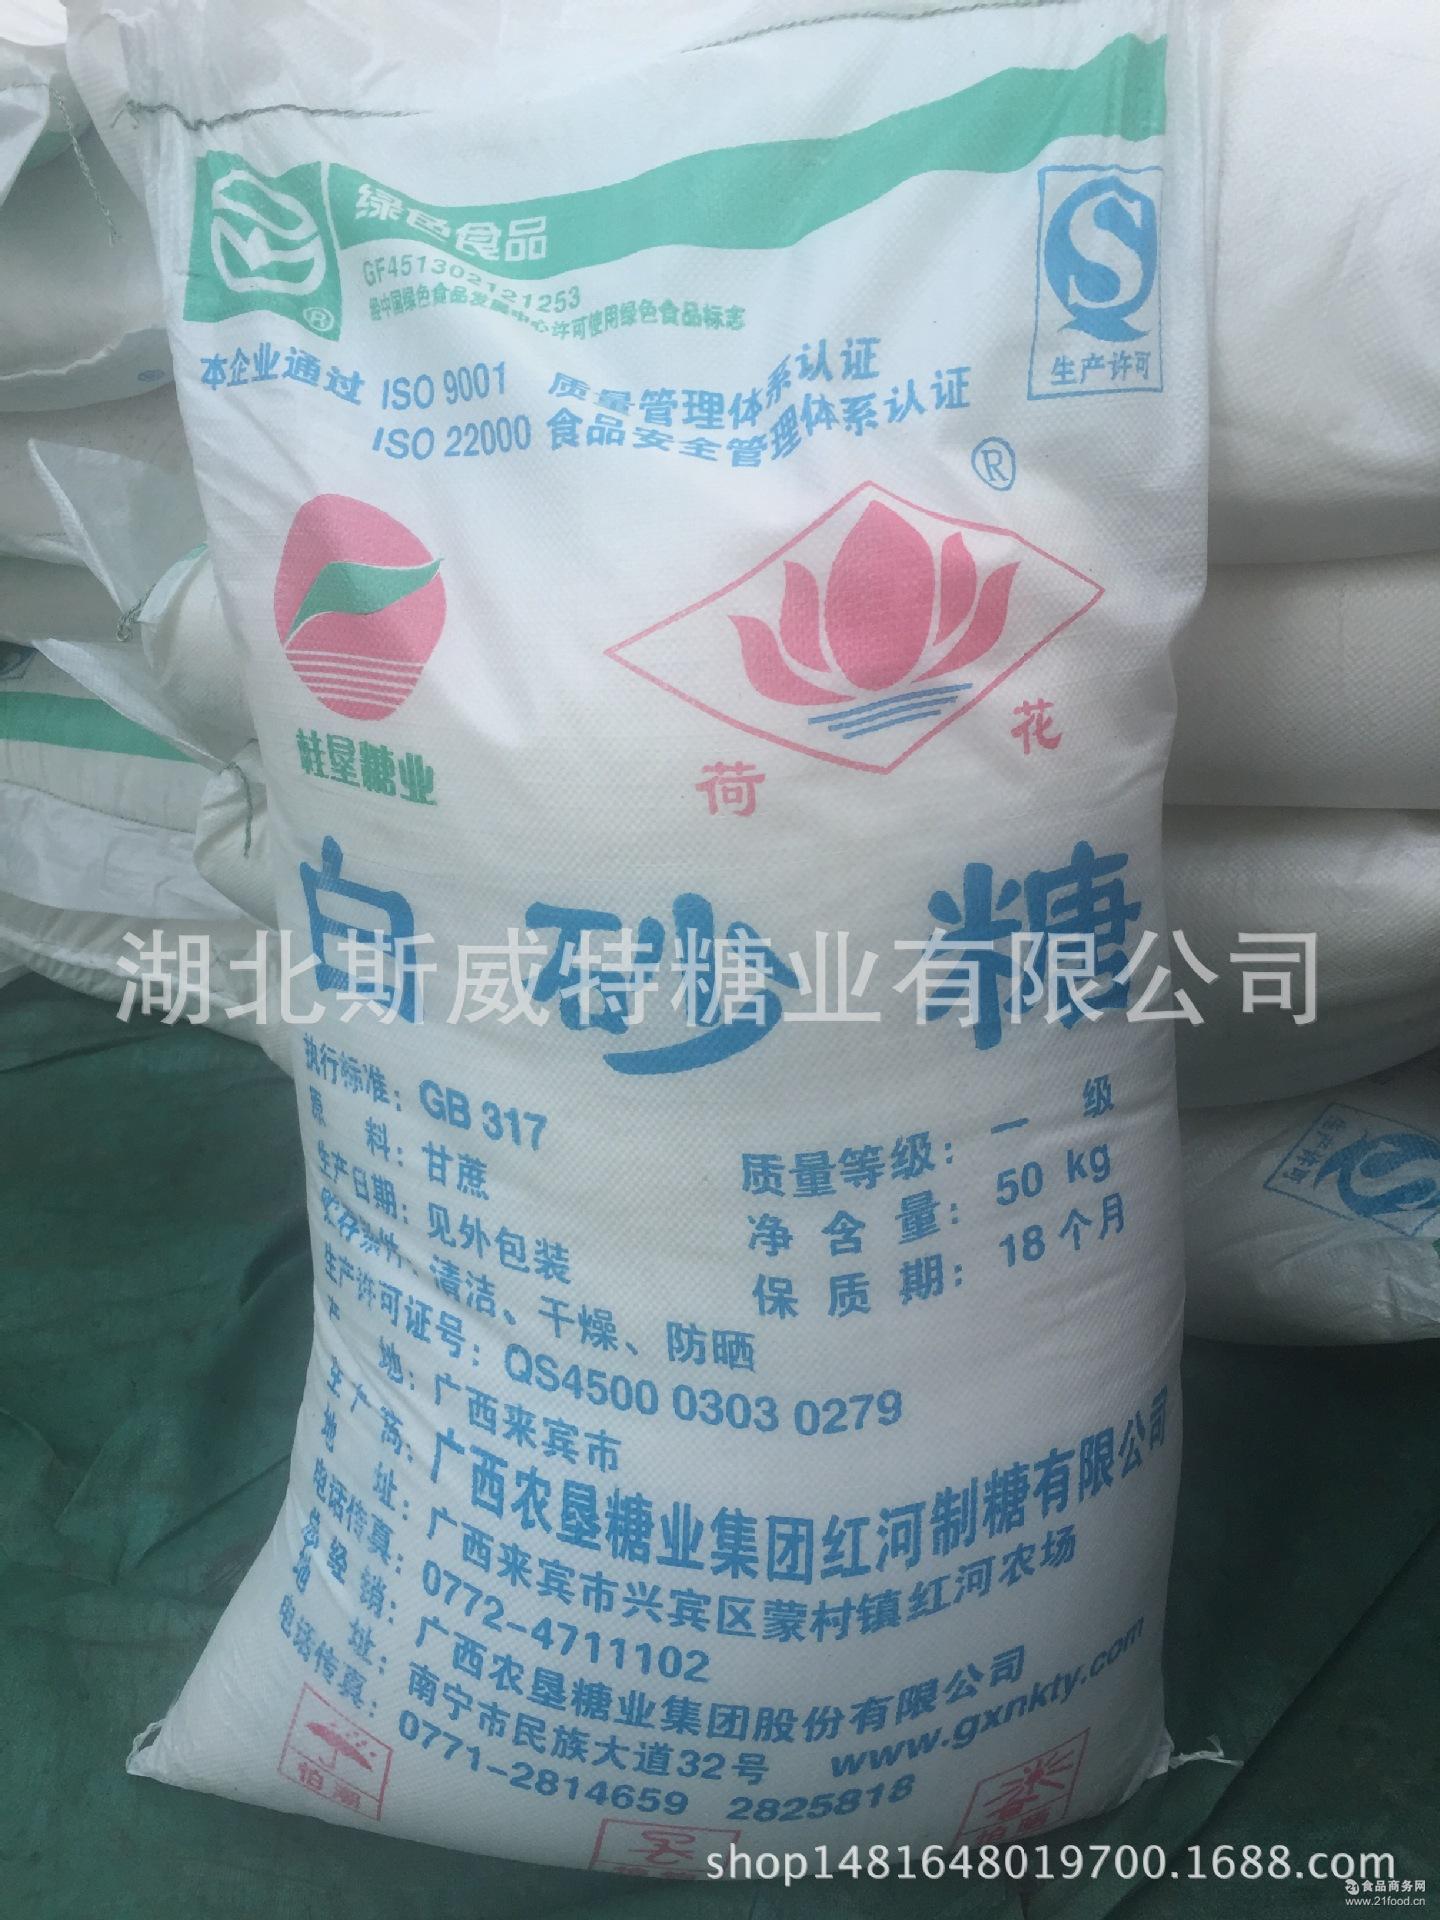 荷花牌甘蔗糖50公斤装 饮料烘焙专用白糖 绿色食品级白砂糖